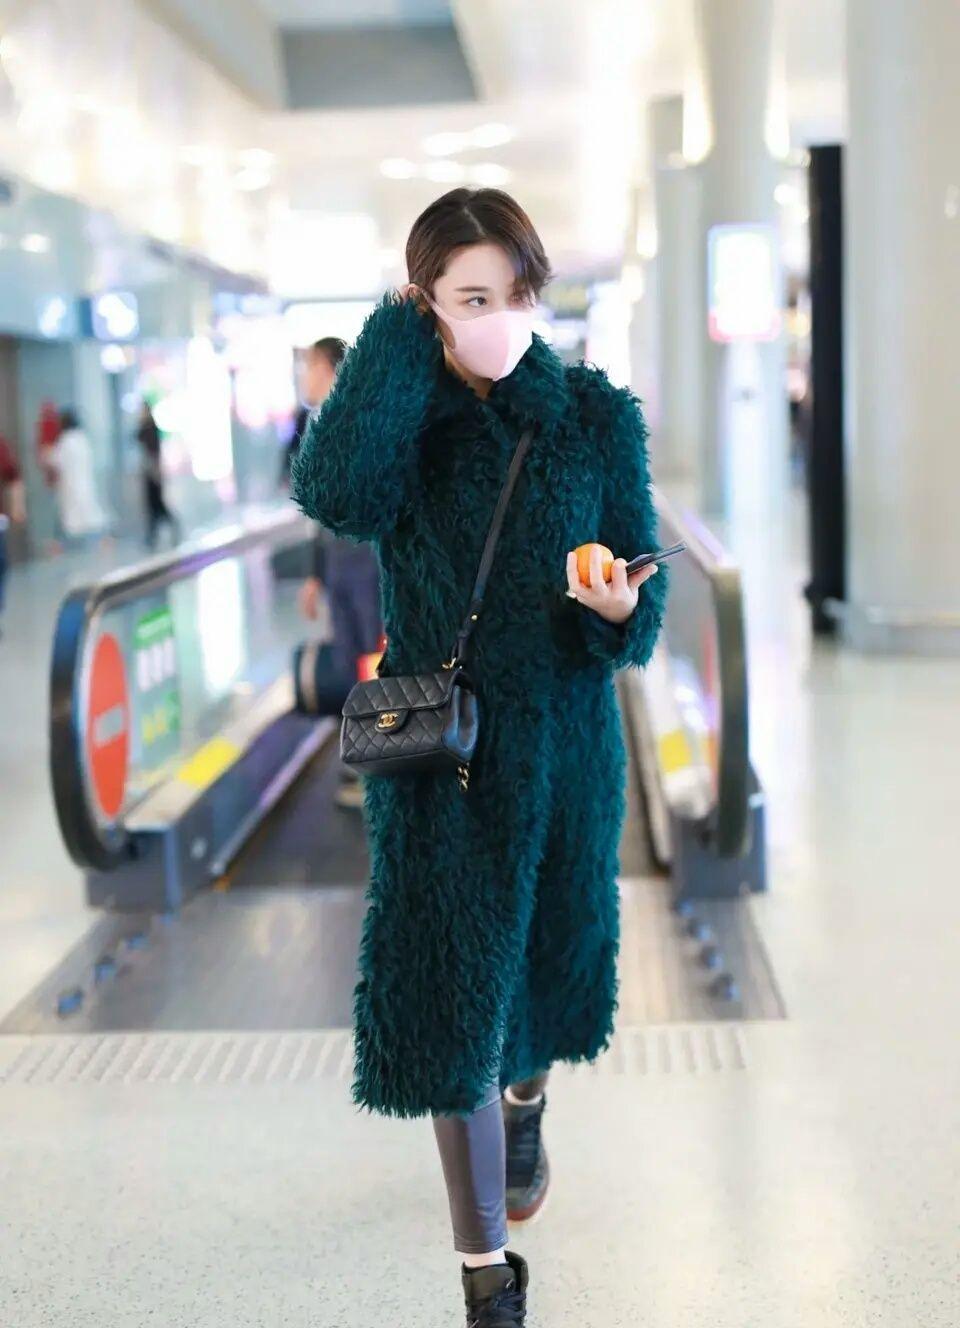 原创             张馨予穿蓝大衣亮相,衣服质量差到坨一块,钱全花在包上!